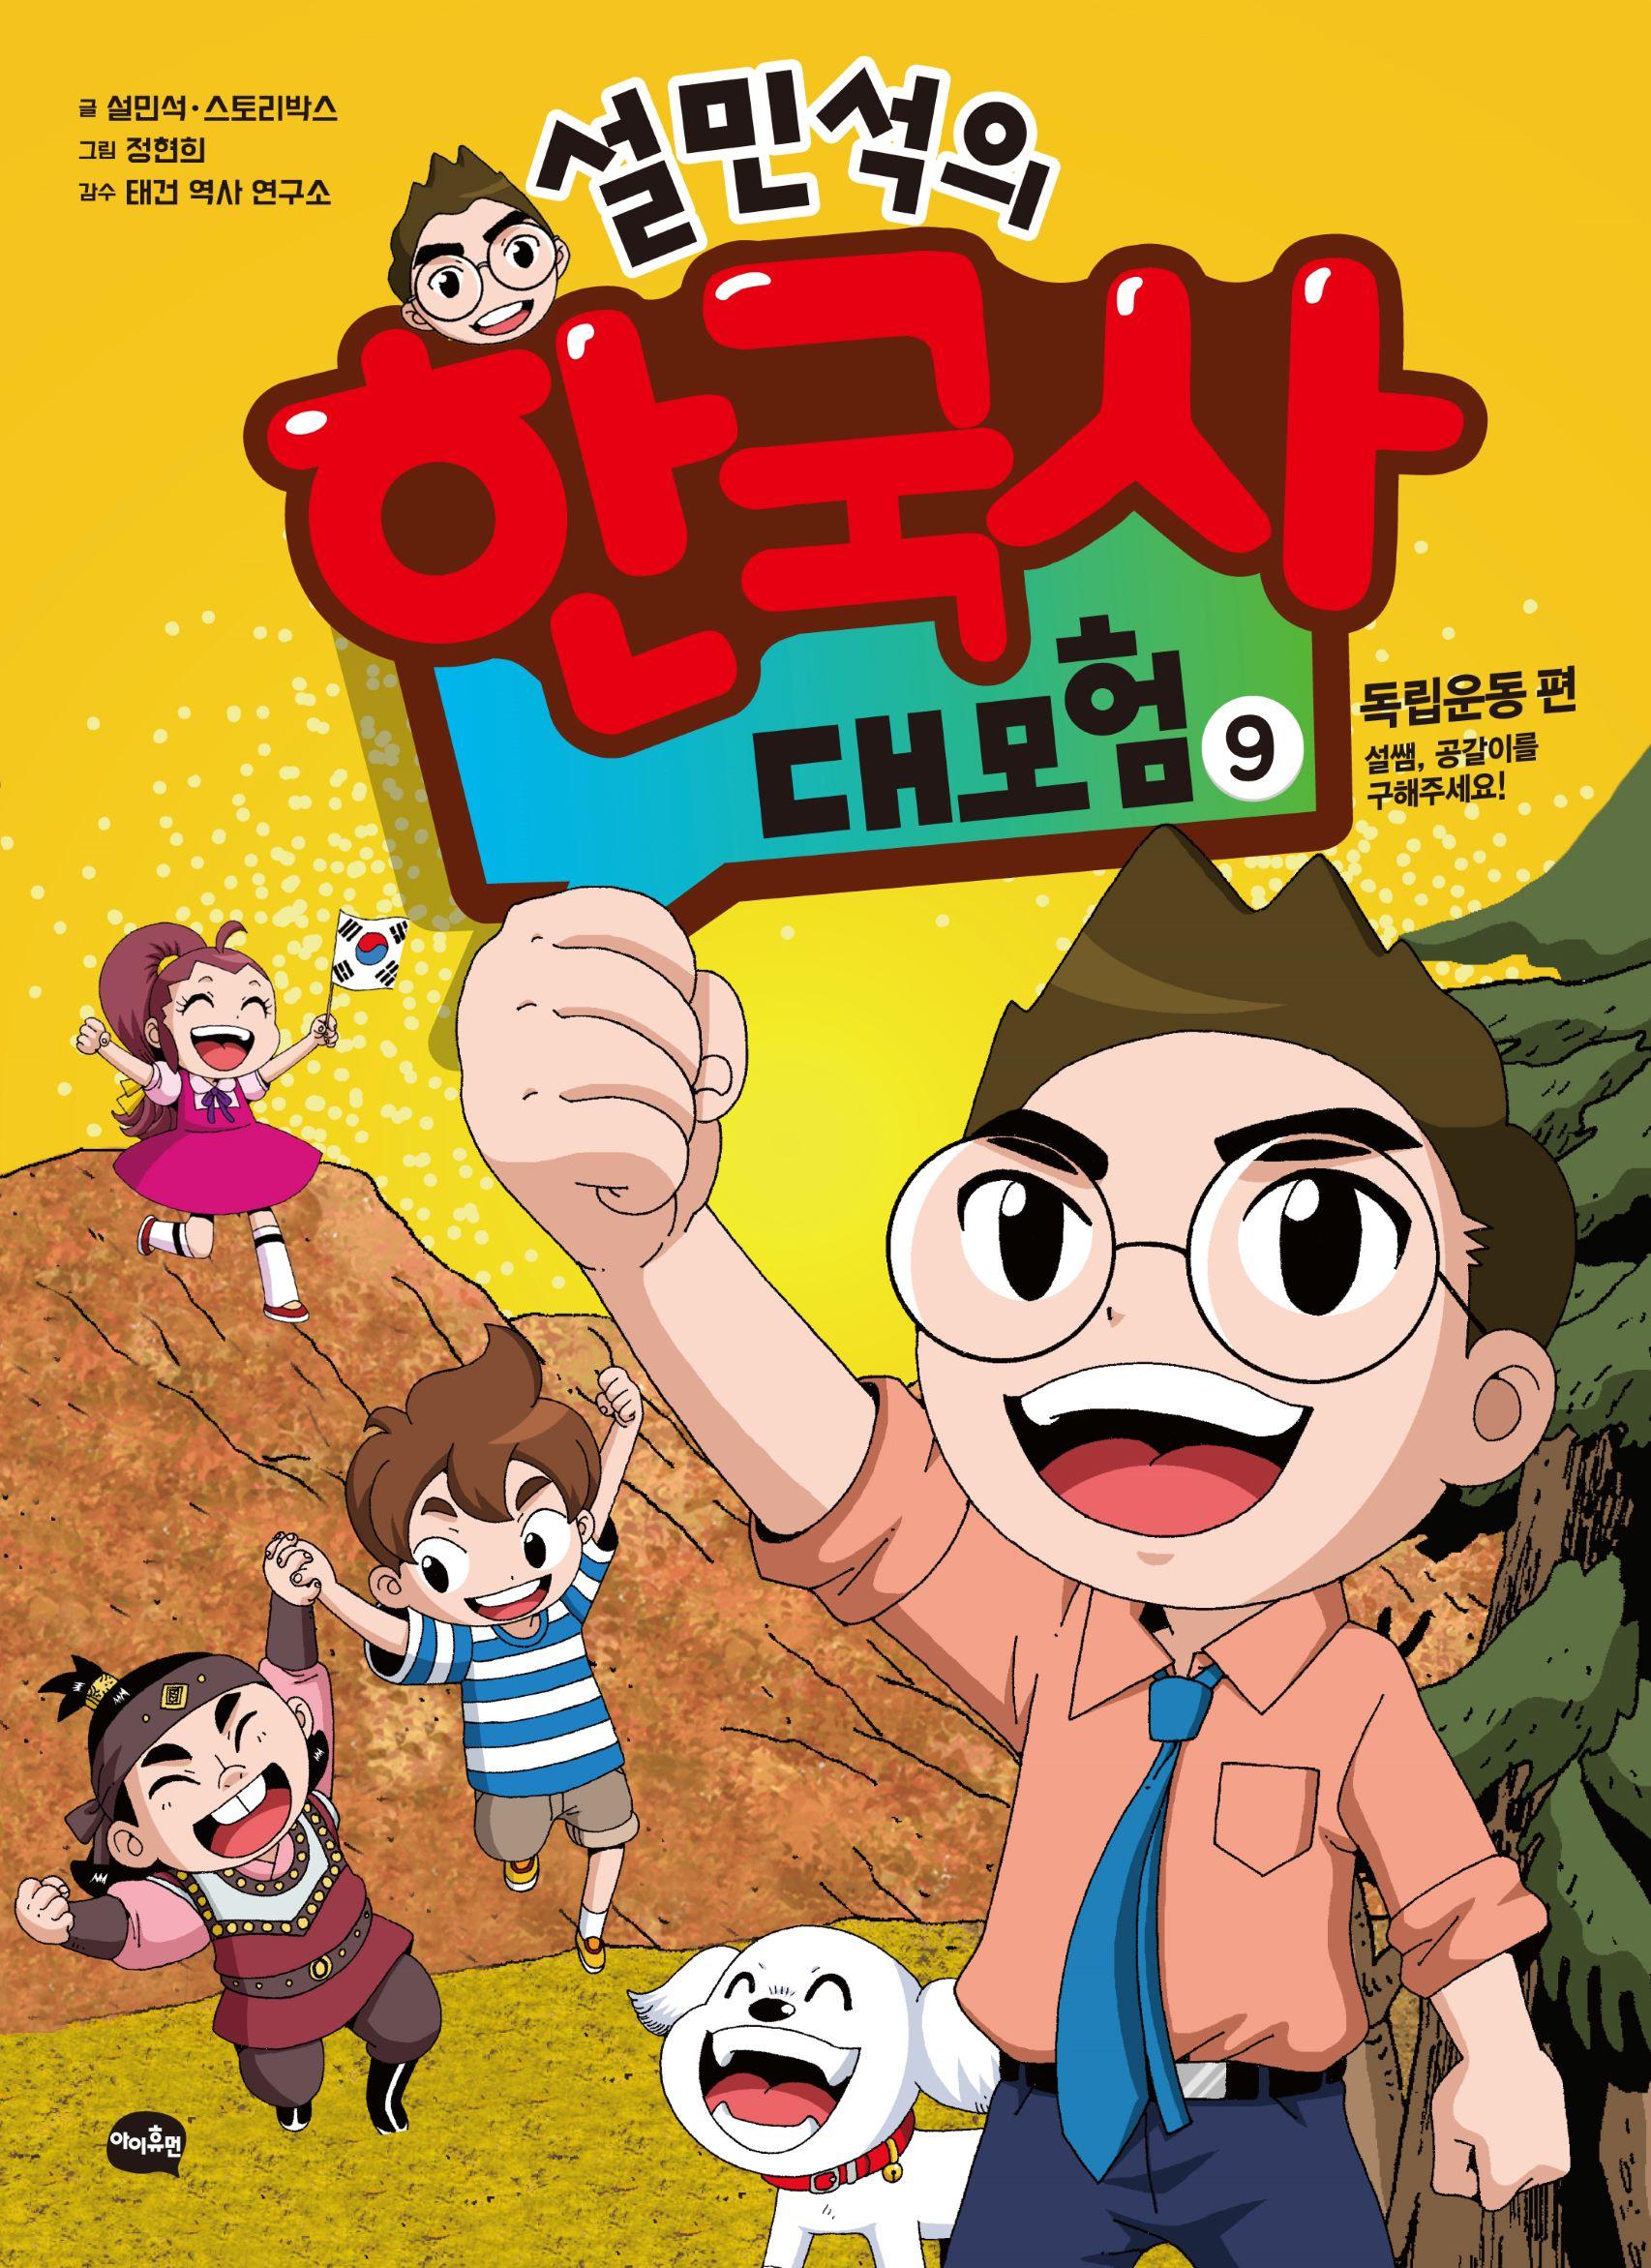 설민석의 한국사 대모험. 9, 독립운동 편: 설쌤, 공갈이를 구해주세요! 표지